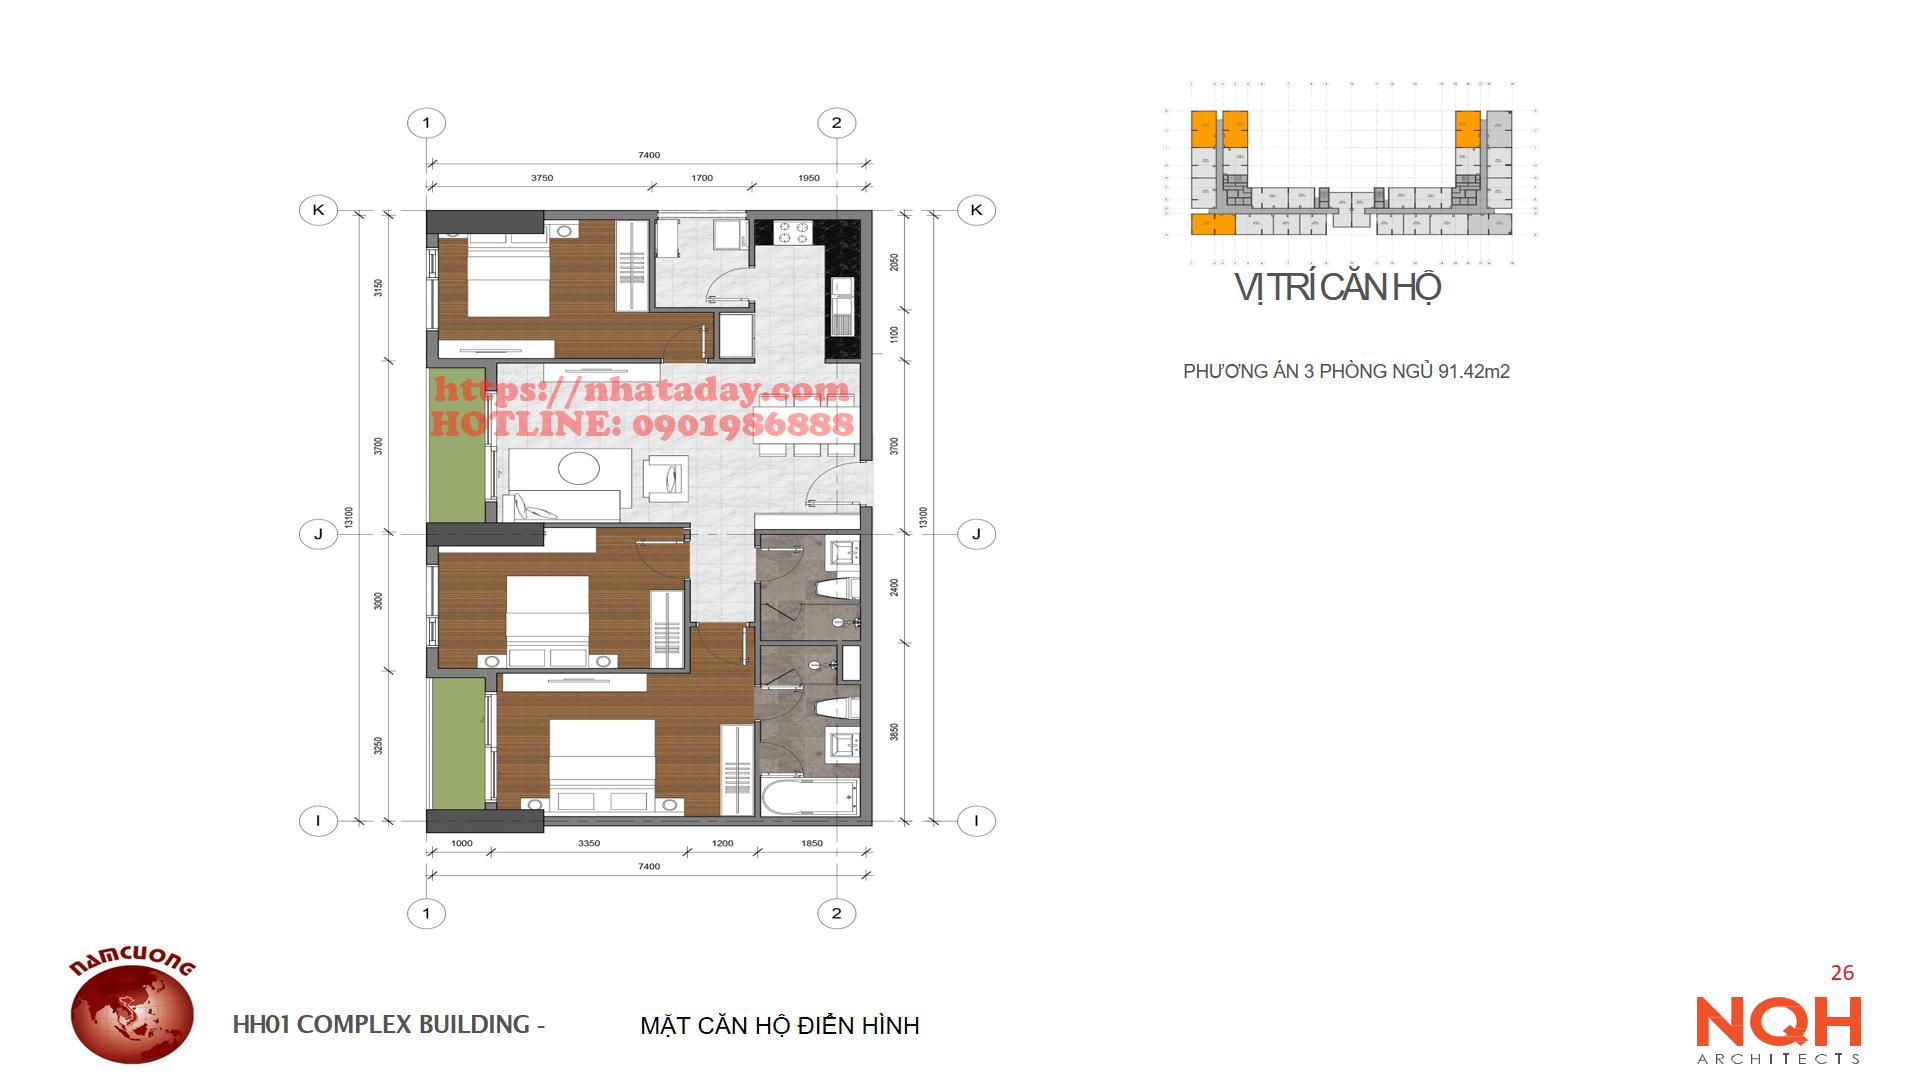 Thiết kế căn hộ 91,42m2 Chung cư Anland Complex Building Nam Cường Dương Nội